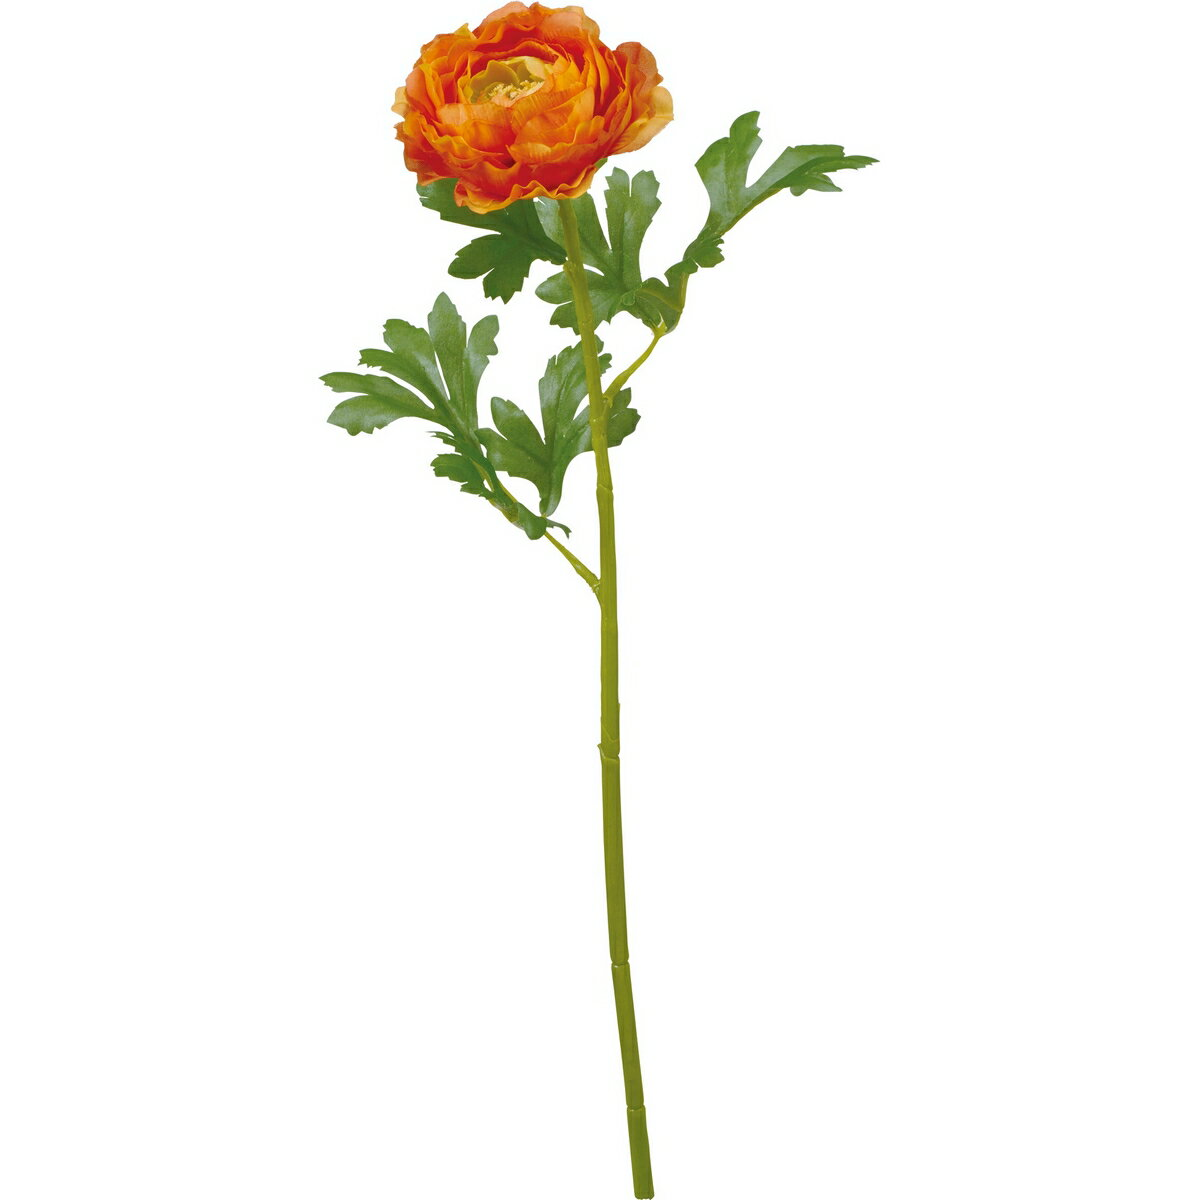 【造花】YDM/シングルラナンキュラス オレンジ/FA7055-OR【01】【取寄】《 造花(アーティフィシャルフラワー) 造花 花材「ら行」 ラナンキュラス 》